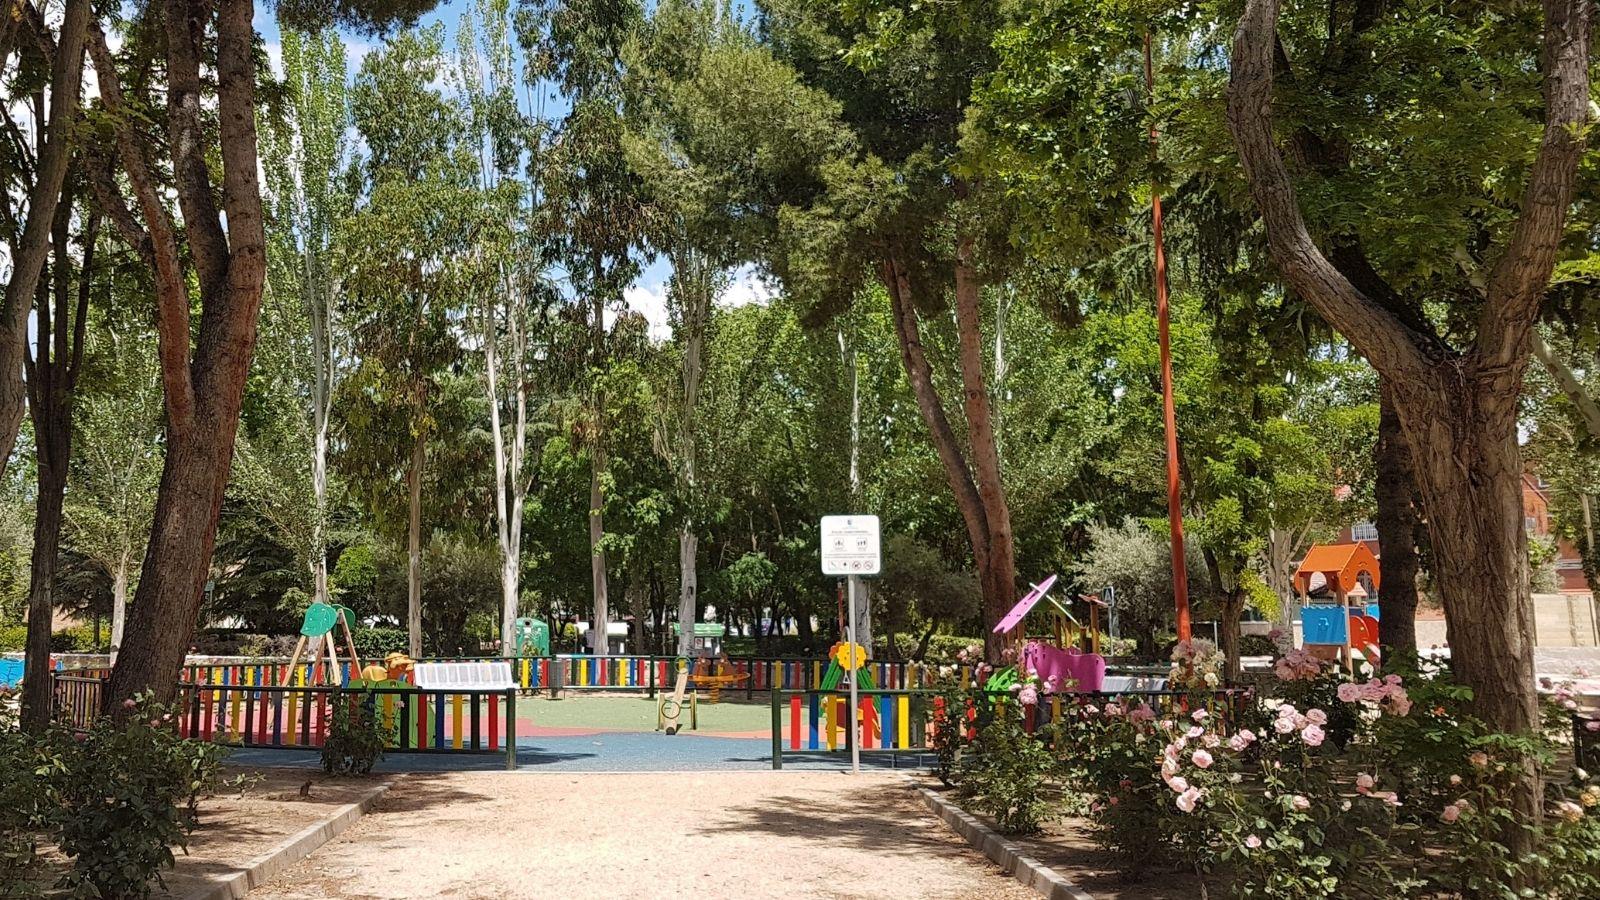 Inspección de plaga en el parque Catalina Muñoz